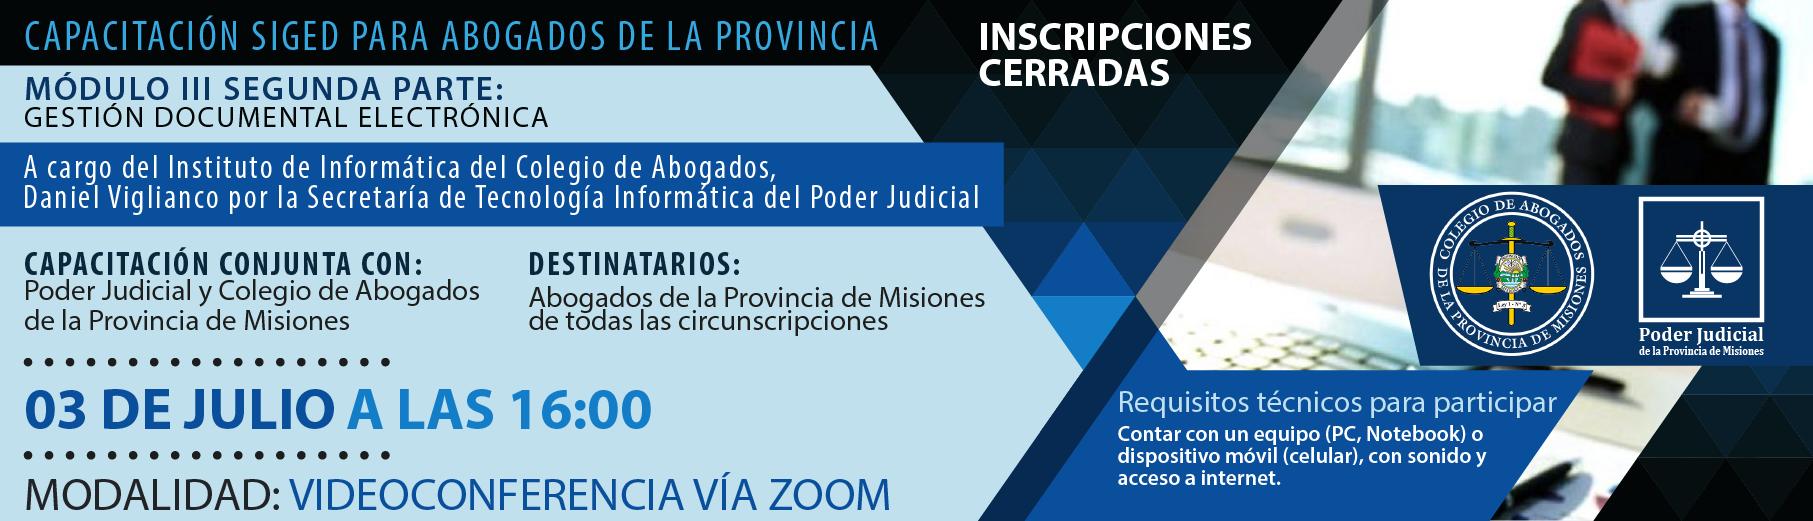 Capacitación SIGED para abogados de la provincia - Módulo III Segunda parte: Gestión Documental Electrónica